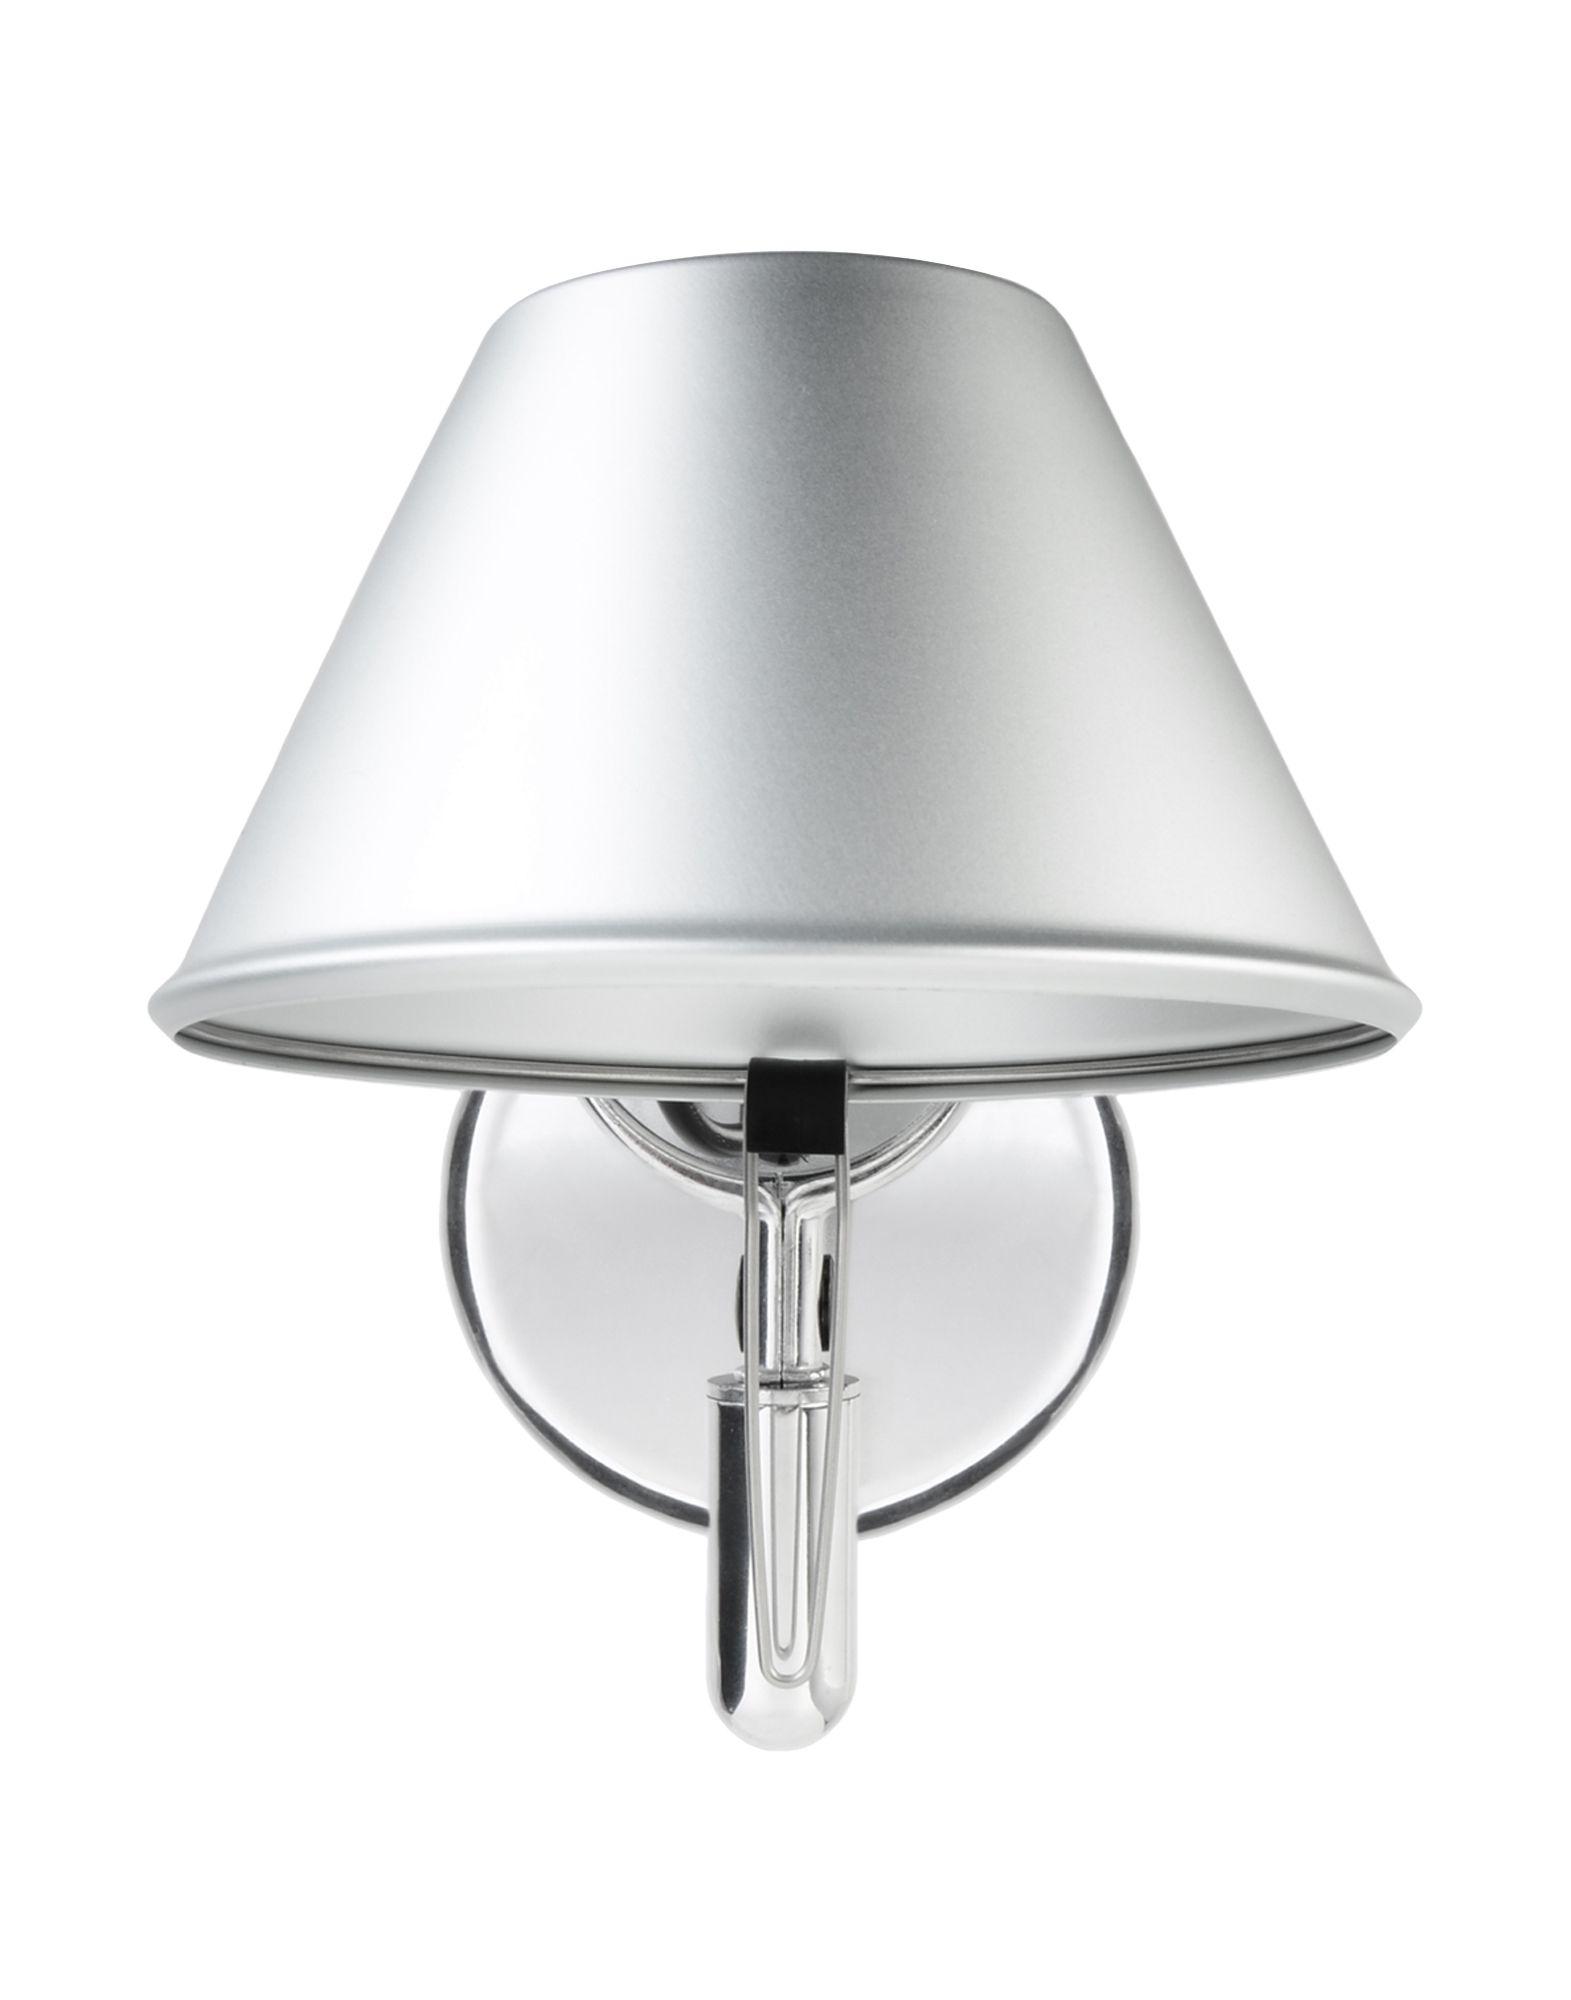 ARTEMIDE Настенная лампа artemide настенно потолочный светильник artemide pipe 0674010a